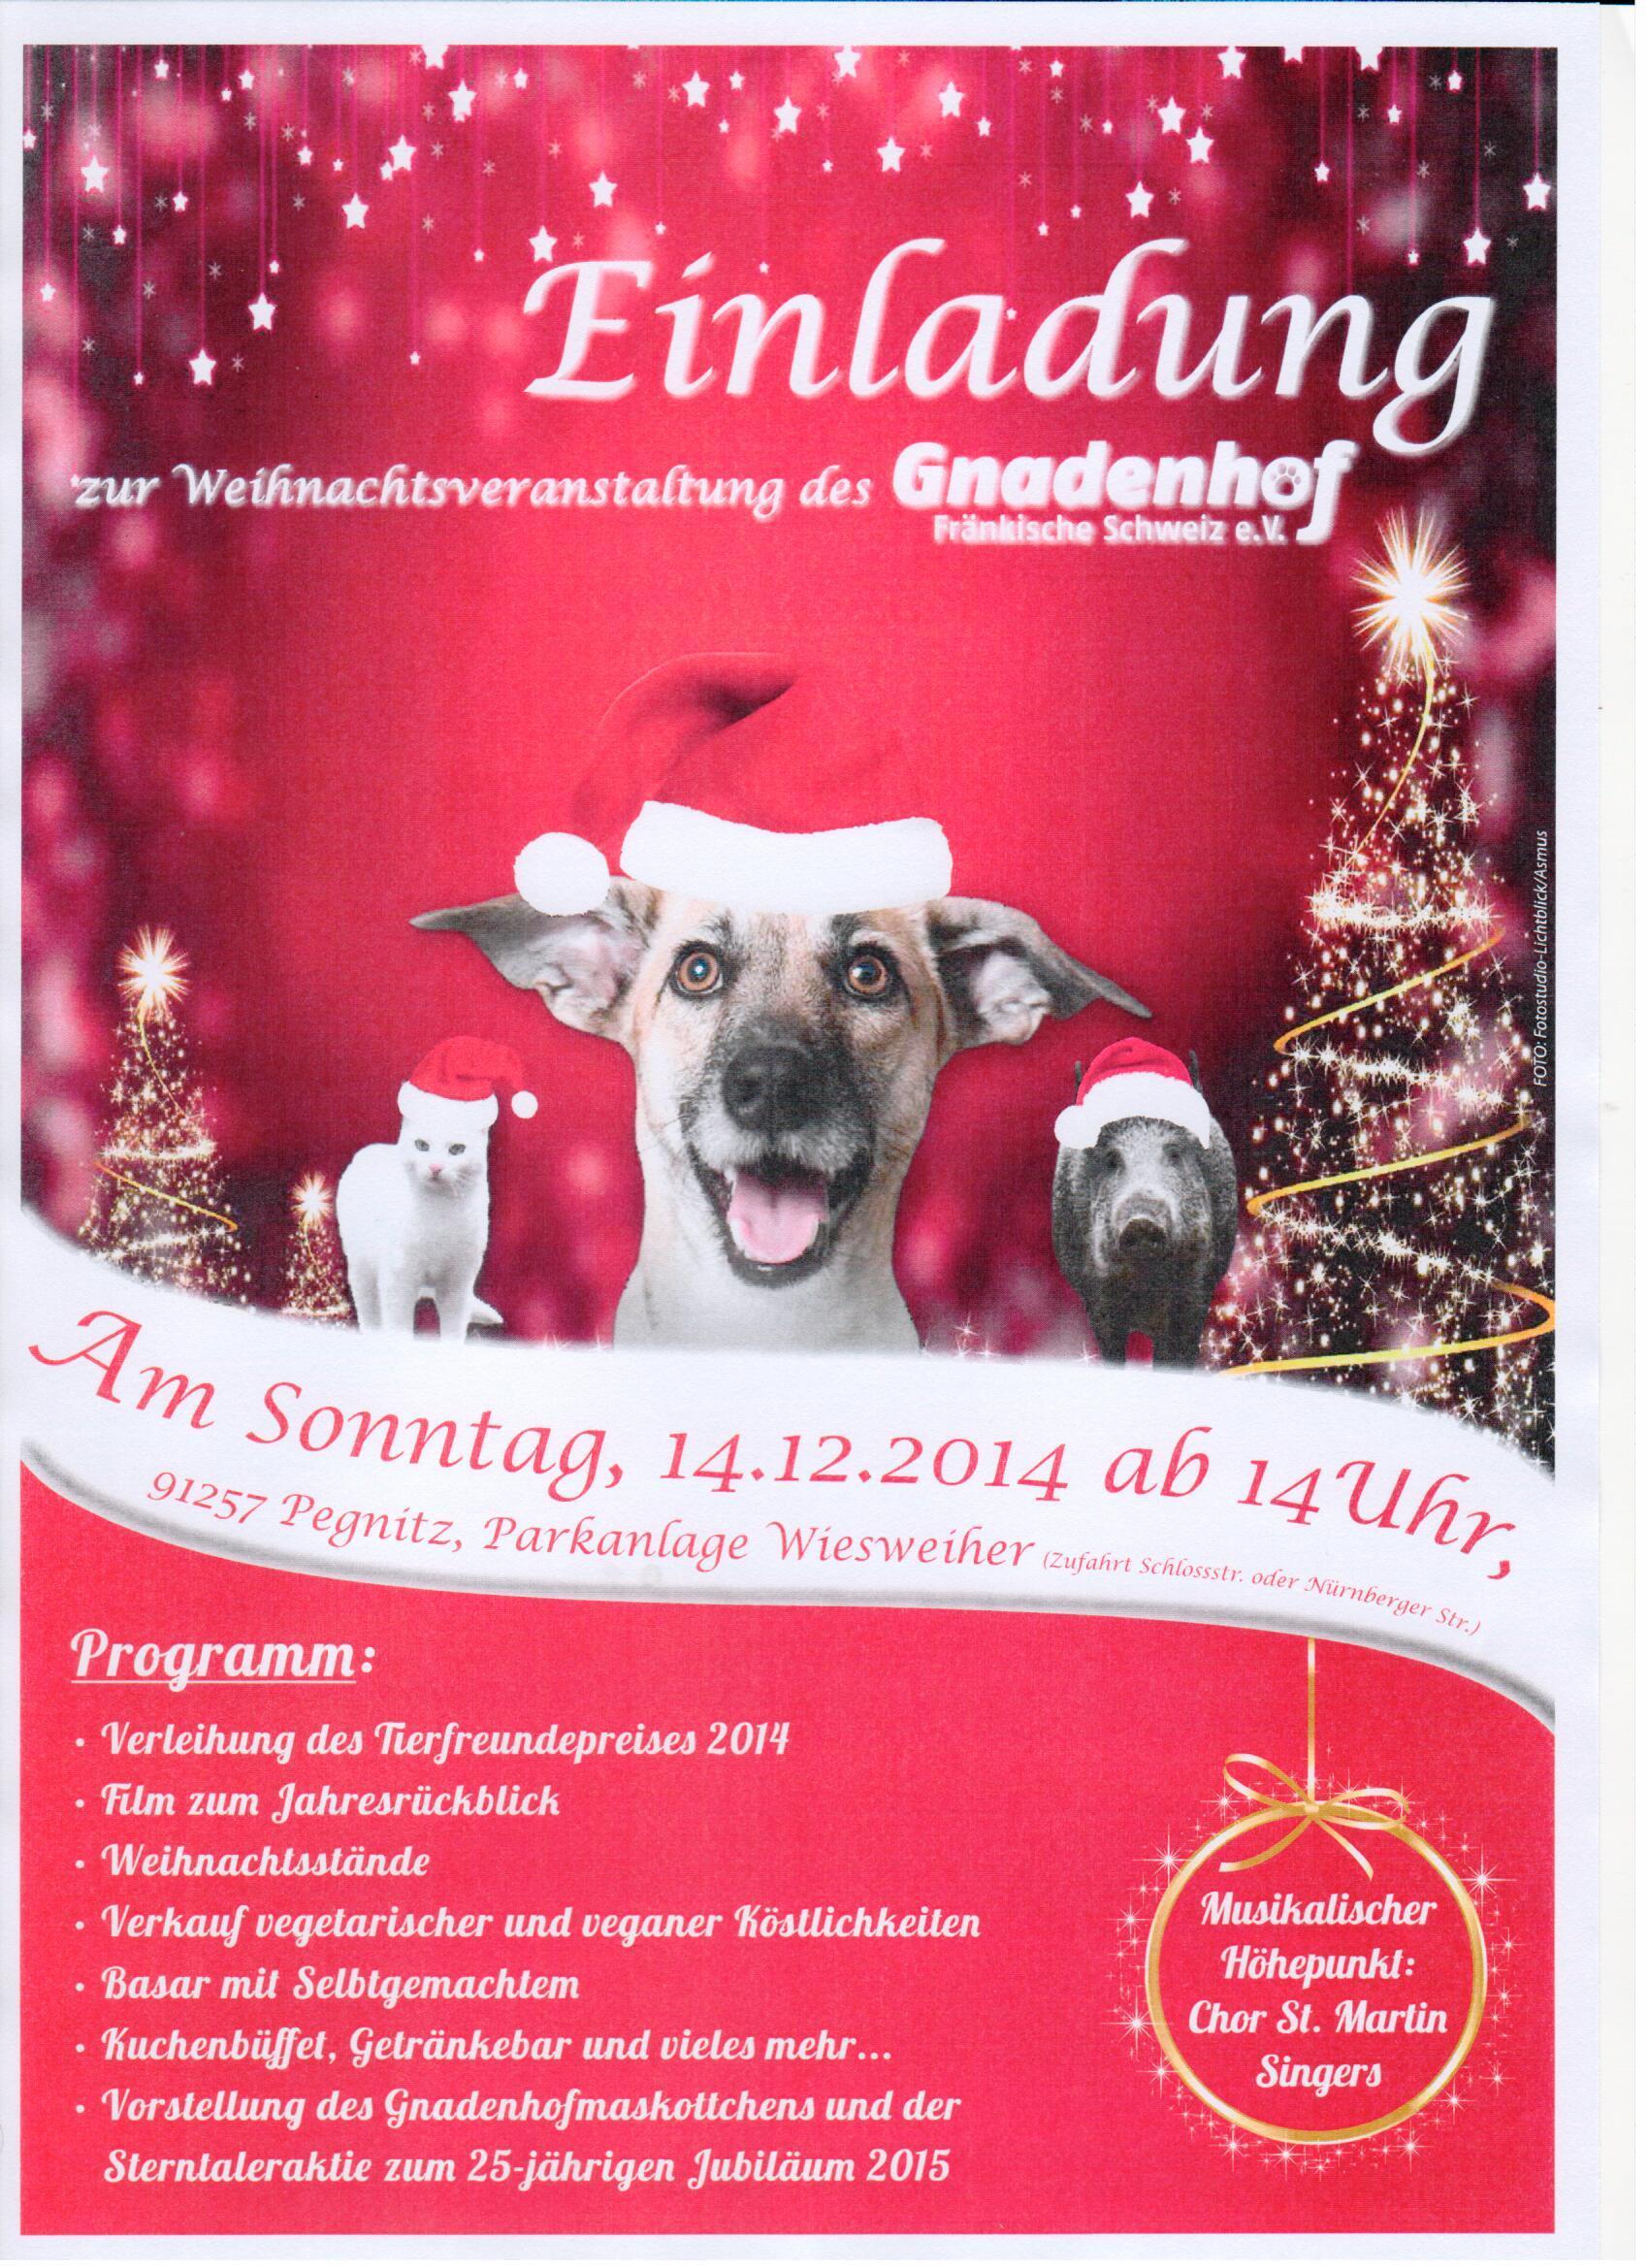 Scan-JPEG-Weihnachtsplakat 2014